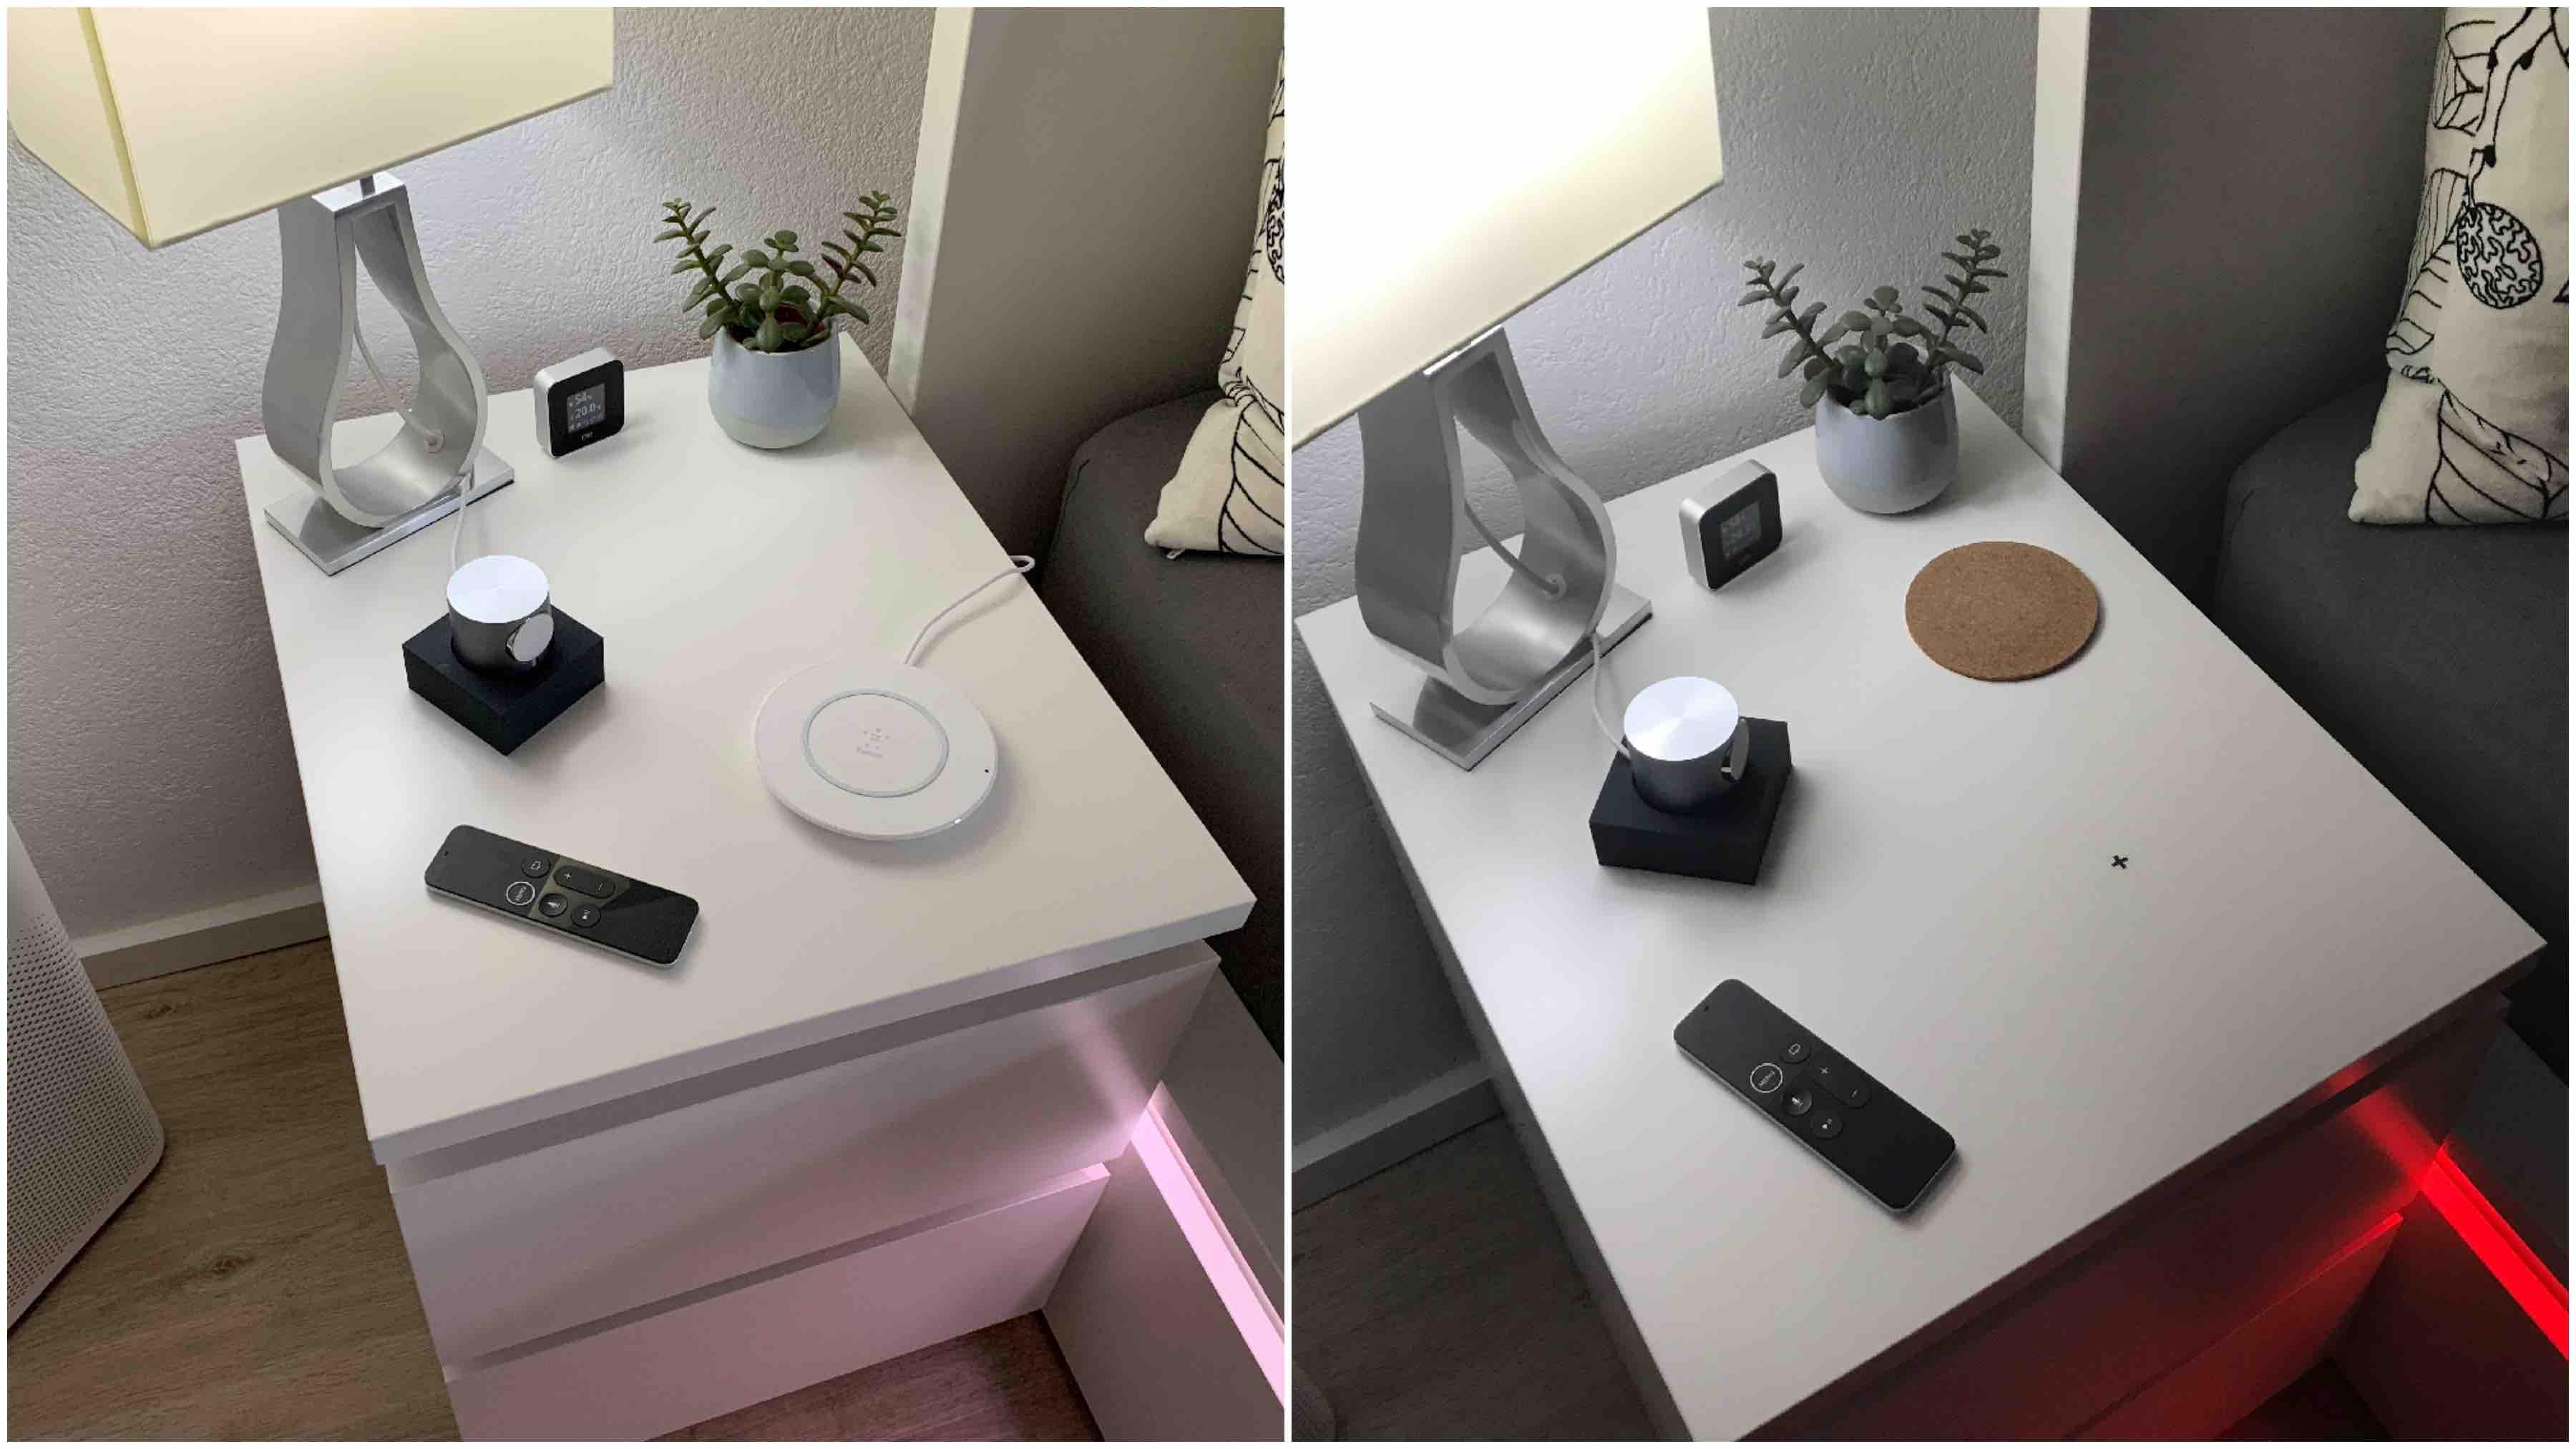 iPhone_Laden_Nachttisch1 Anleitung: Das iPhone drahtlos über Möbeloberflächen aufladen